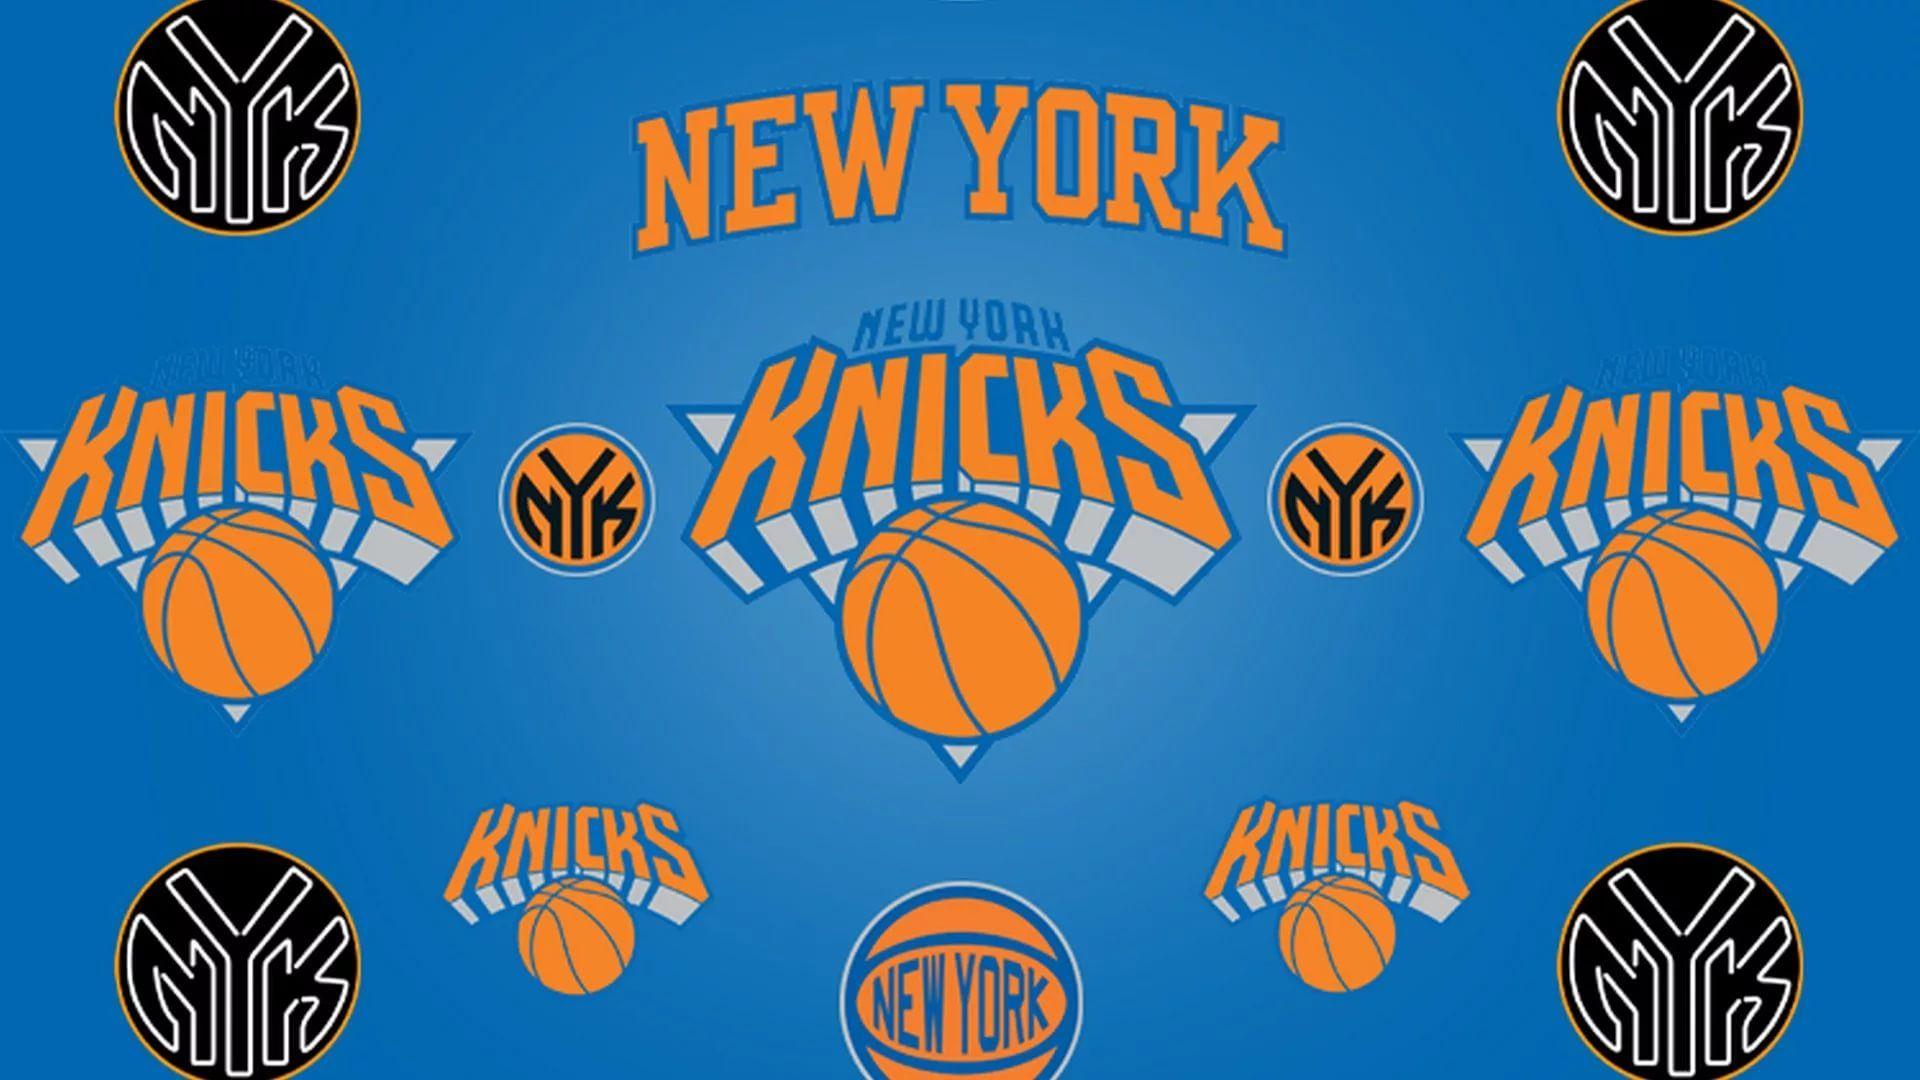 New York Knicks full wallpaper